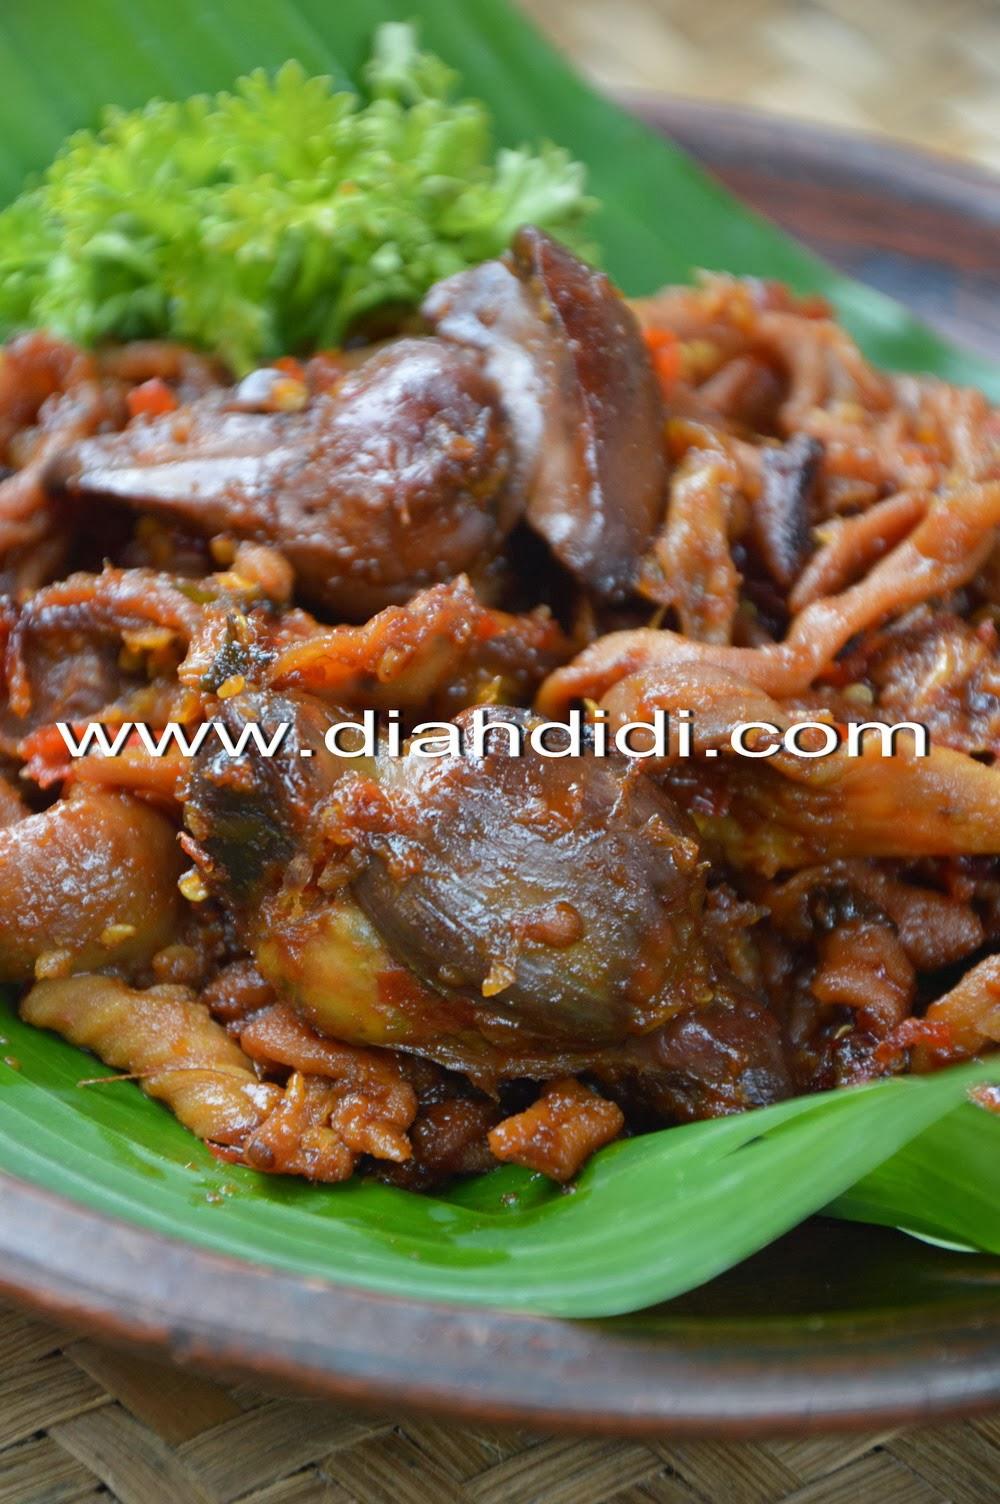 Kurang dari 5 bahan kurang dari 30 menit praktis dan mudah level chef panji. Usus Ayam Dan Ati Ampela Bumbu Pedas Manis By Diah Didi S Kitchen